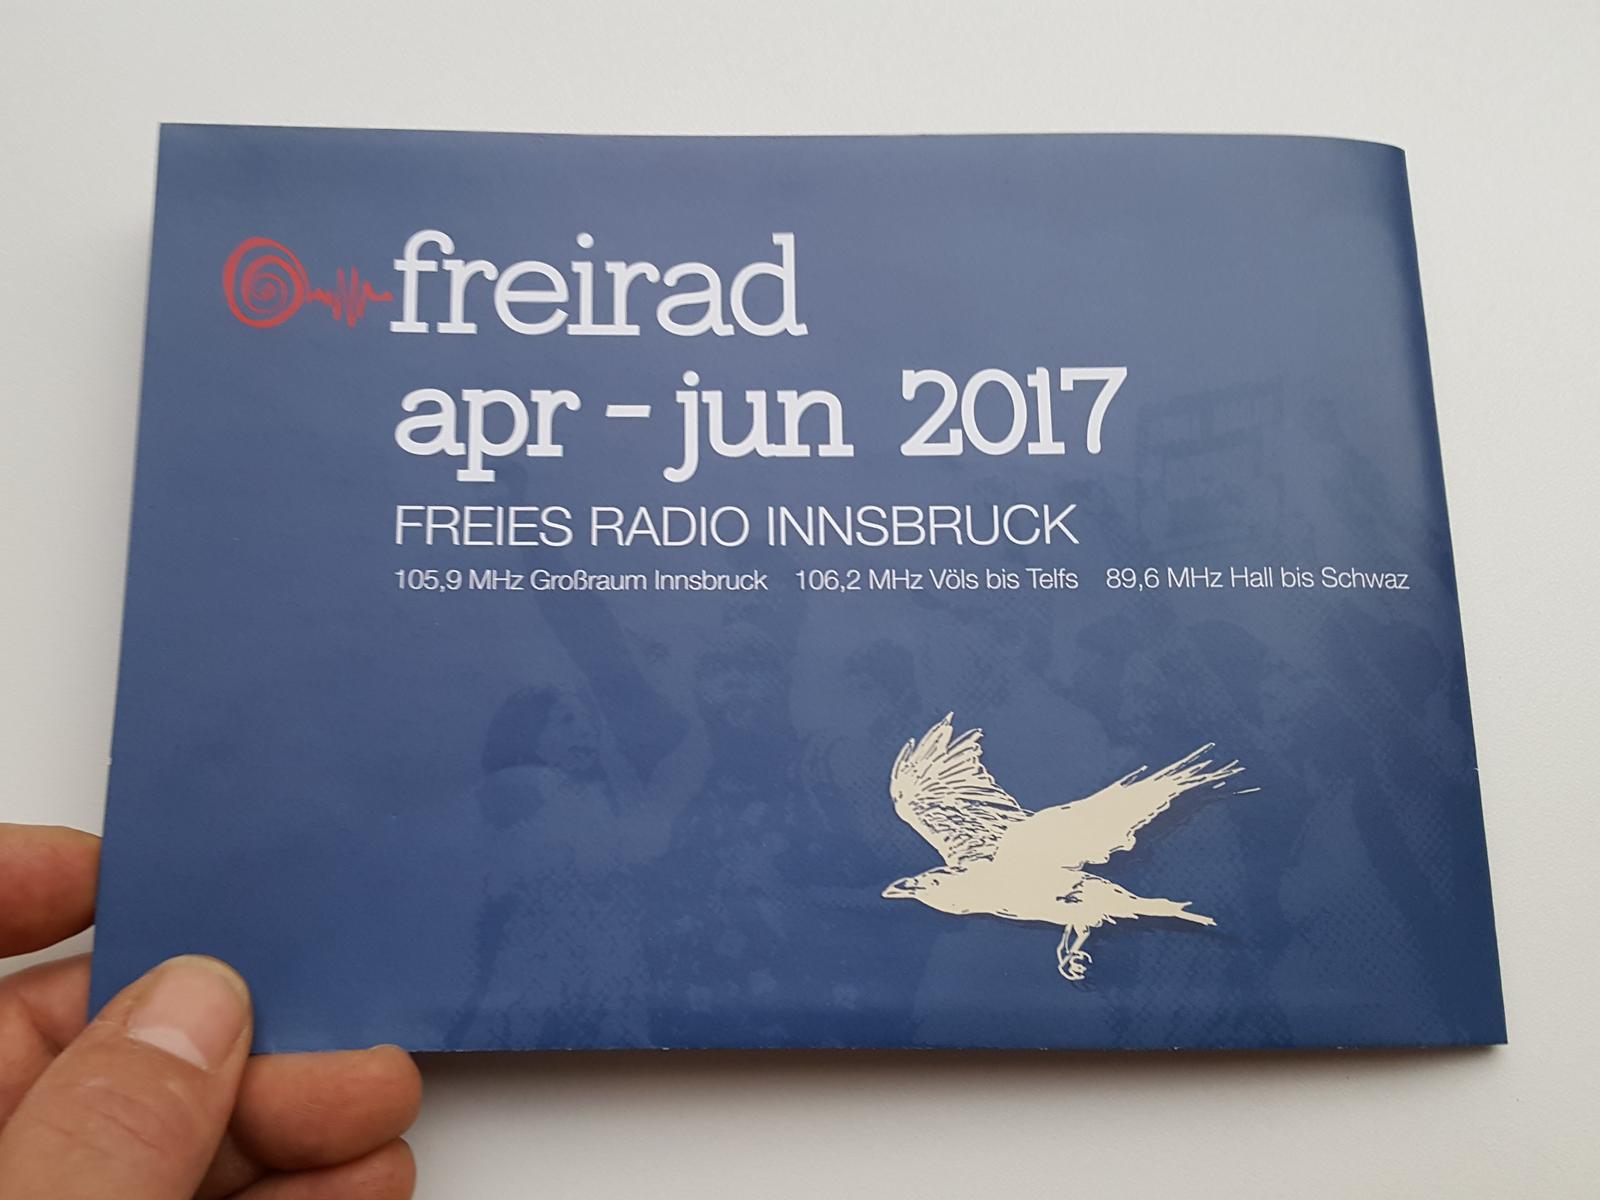 Freirad Programm 2017 gefaltet